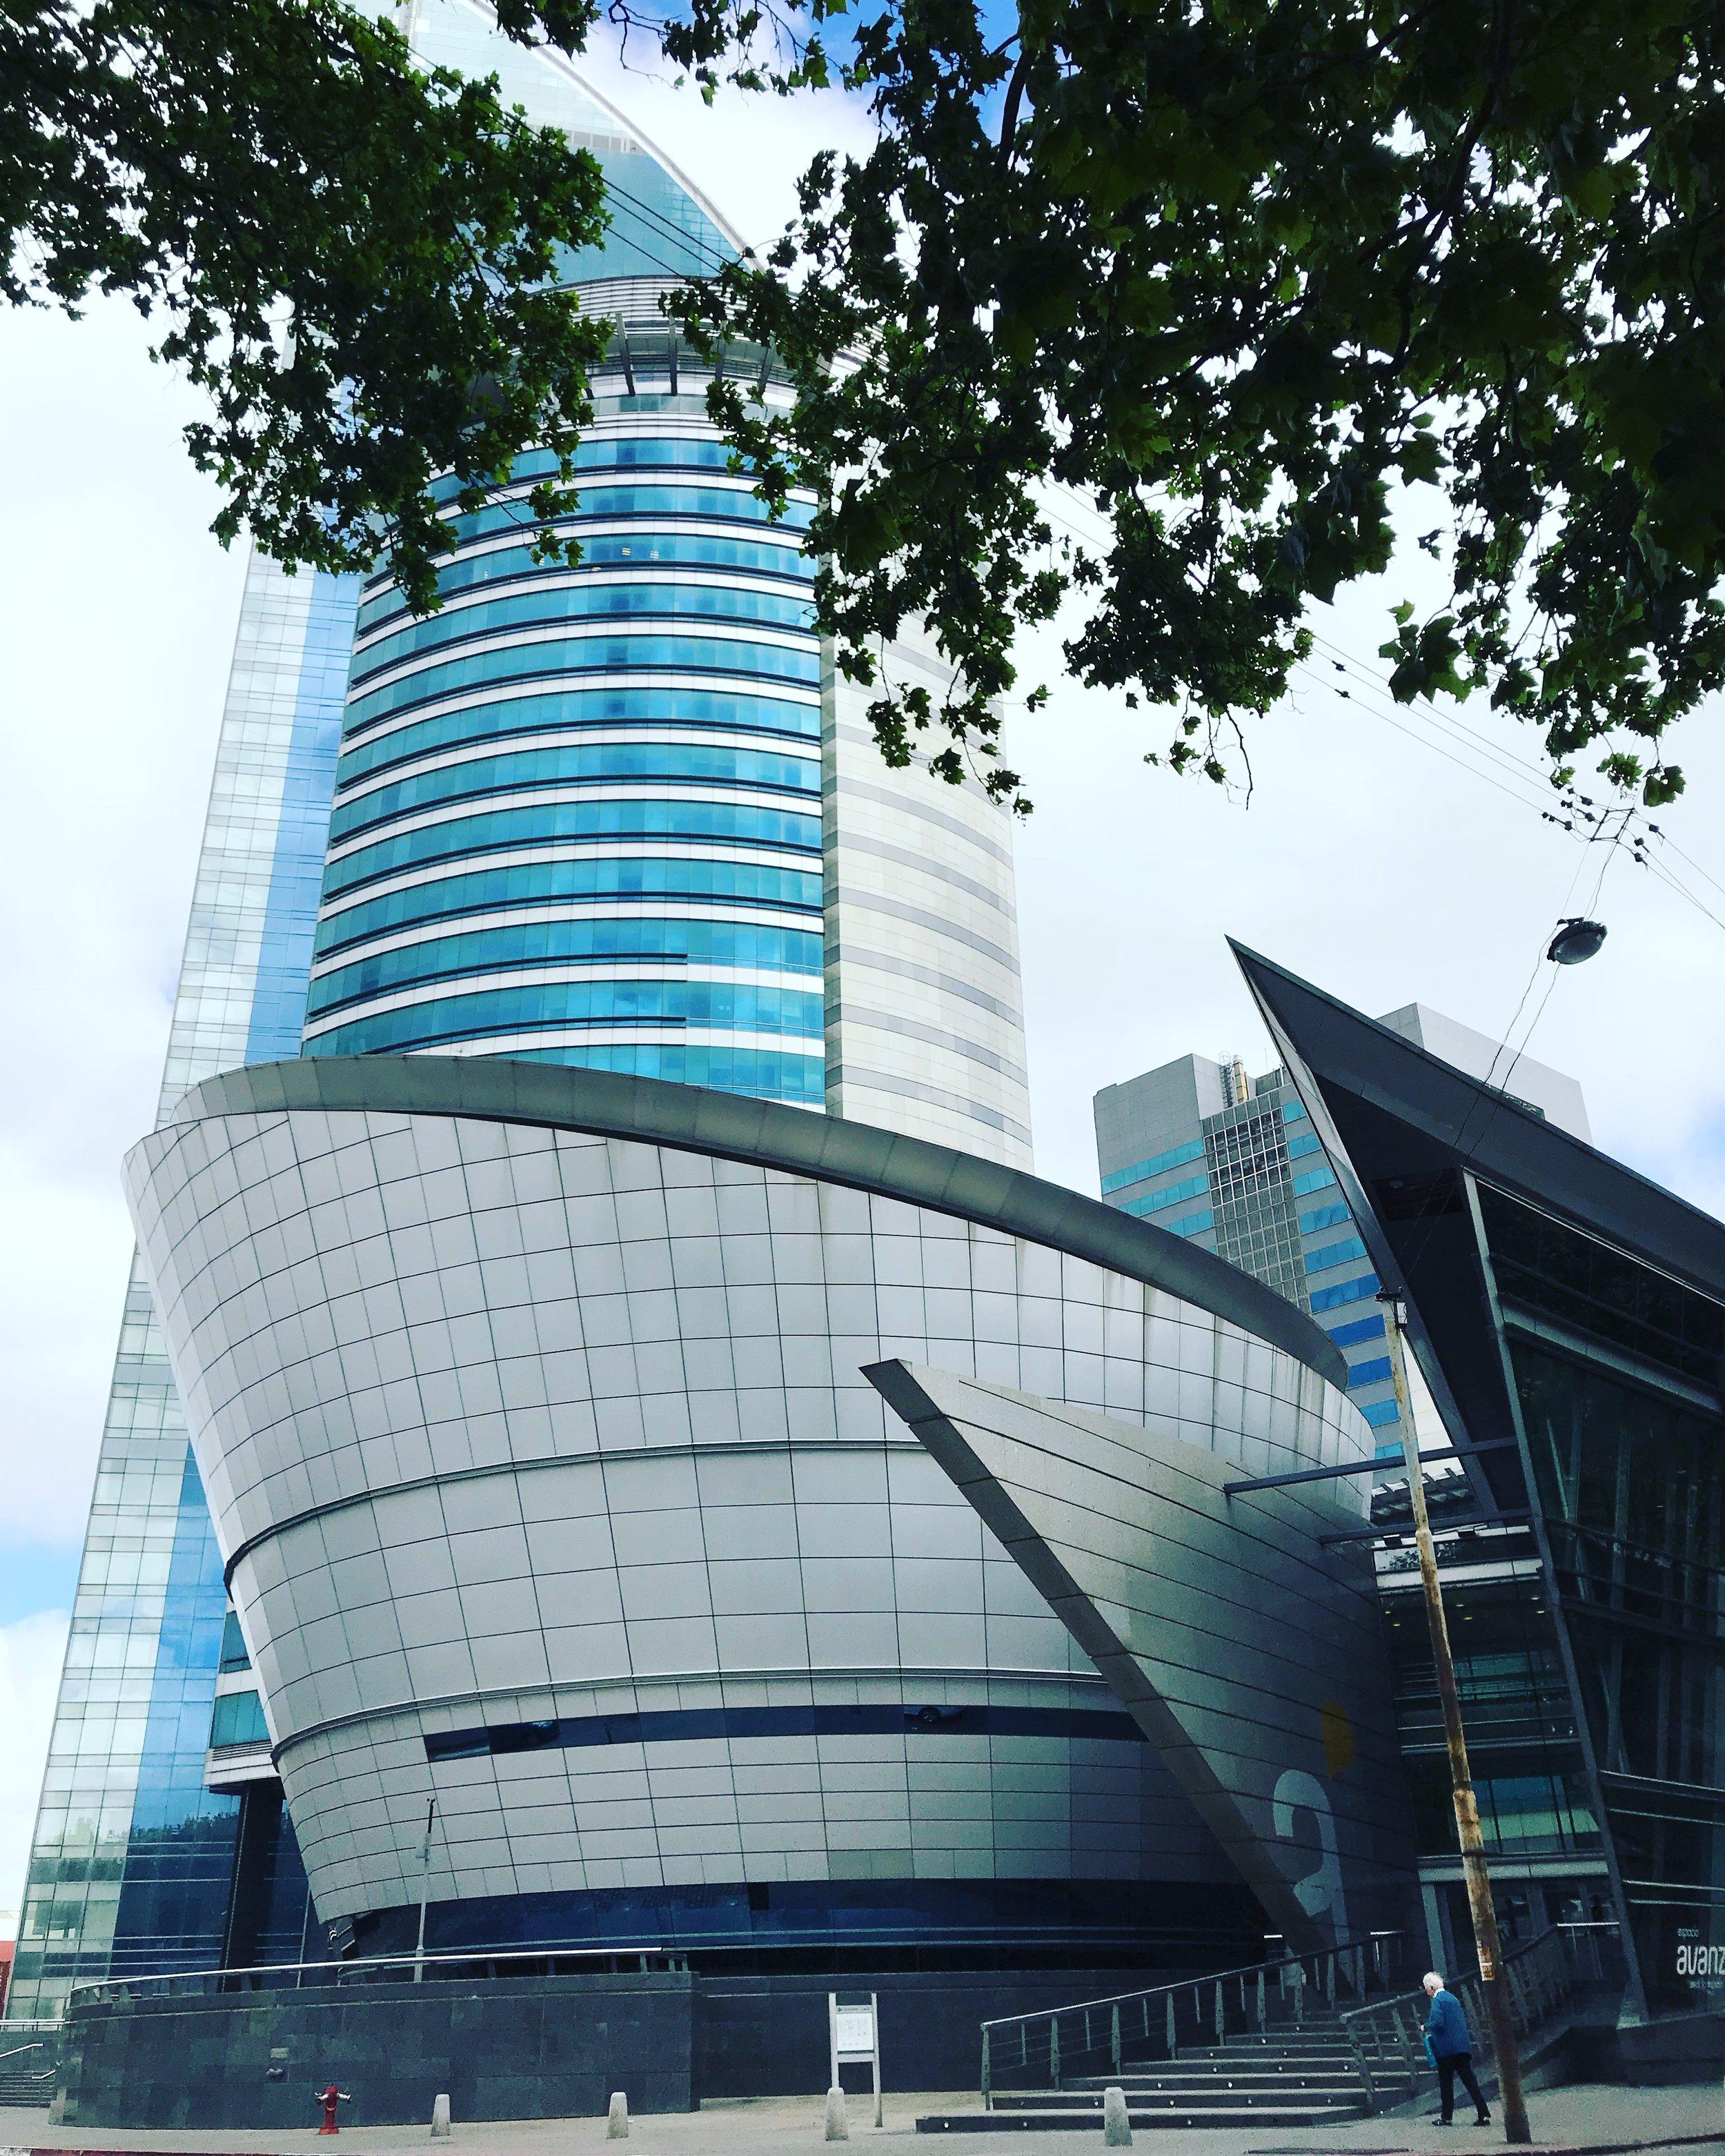 Torre de las comunicaciones de Antel, donde tuvo lugar el evento.